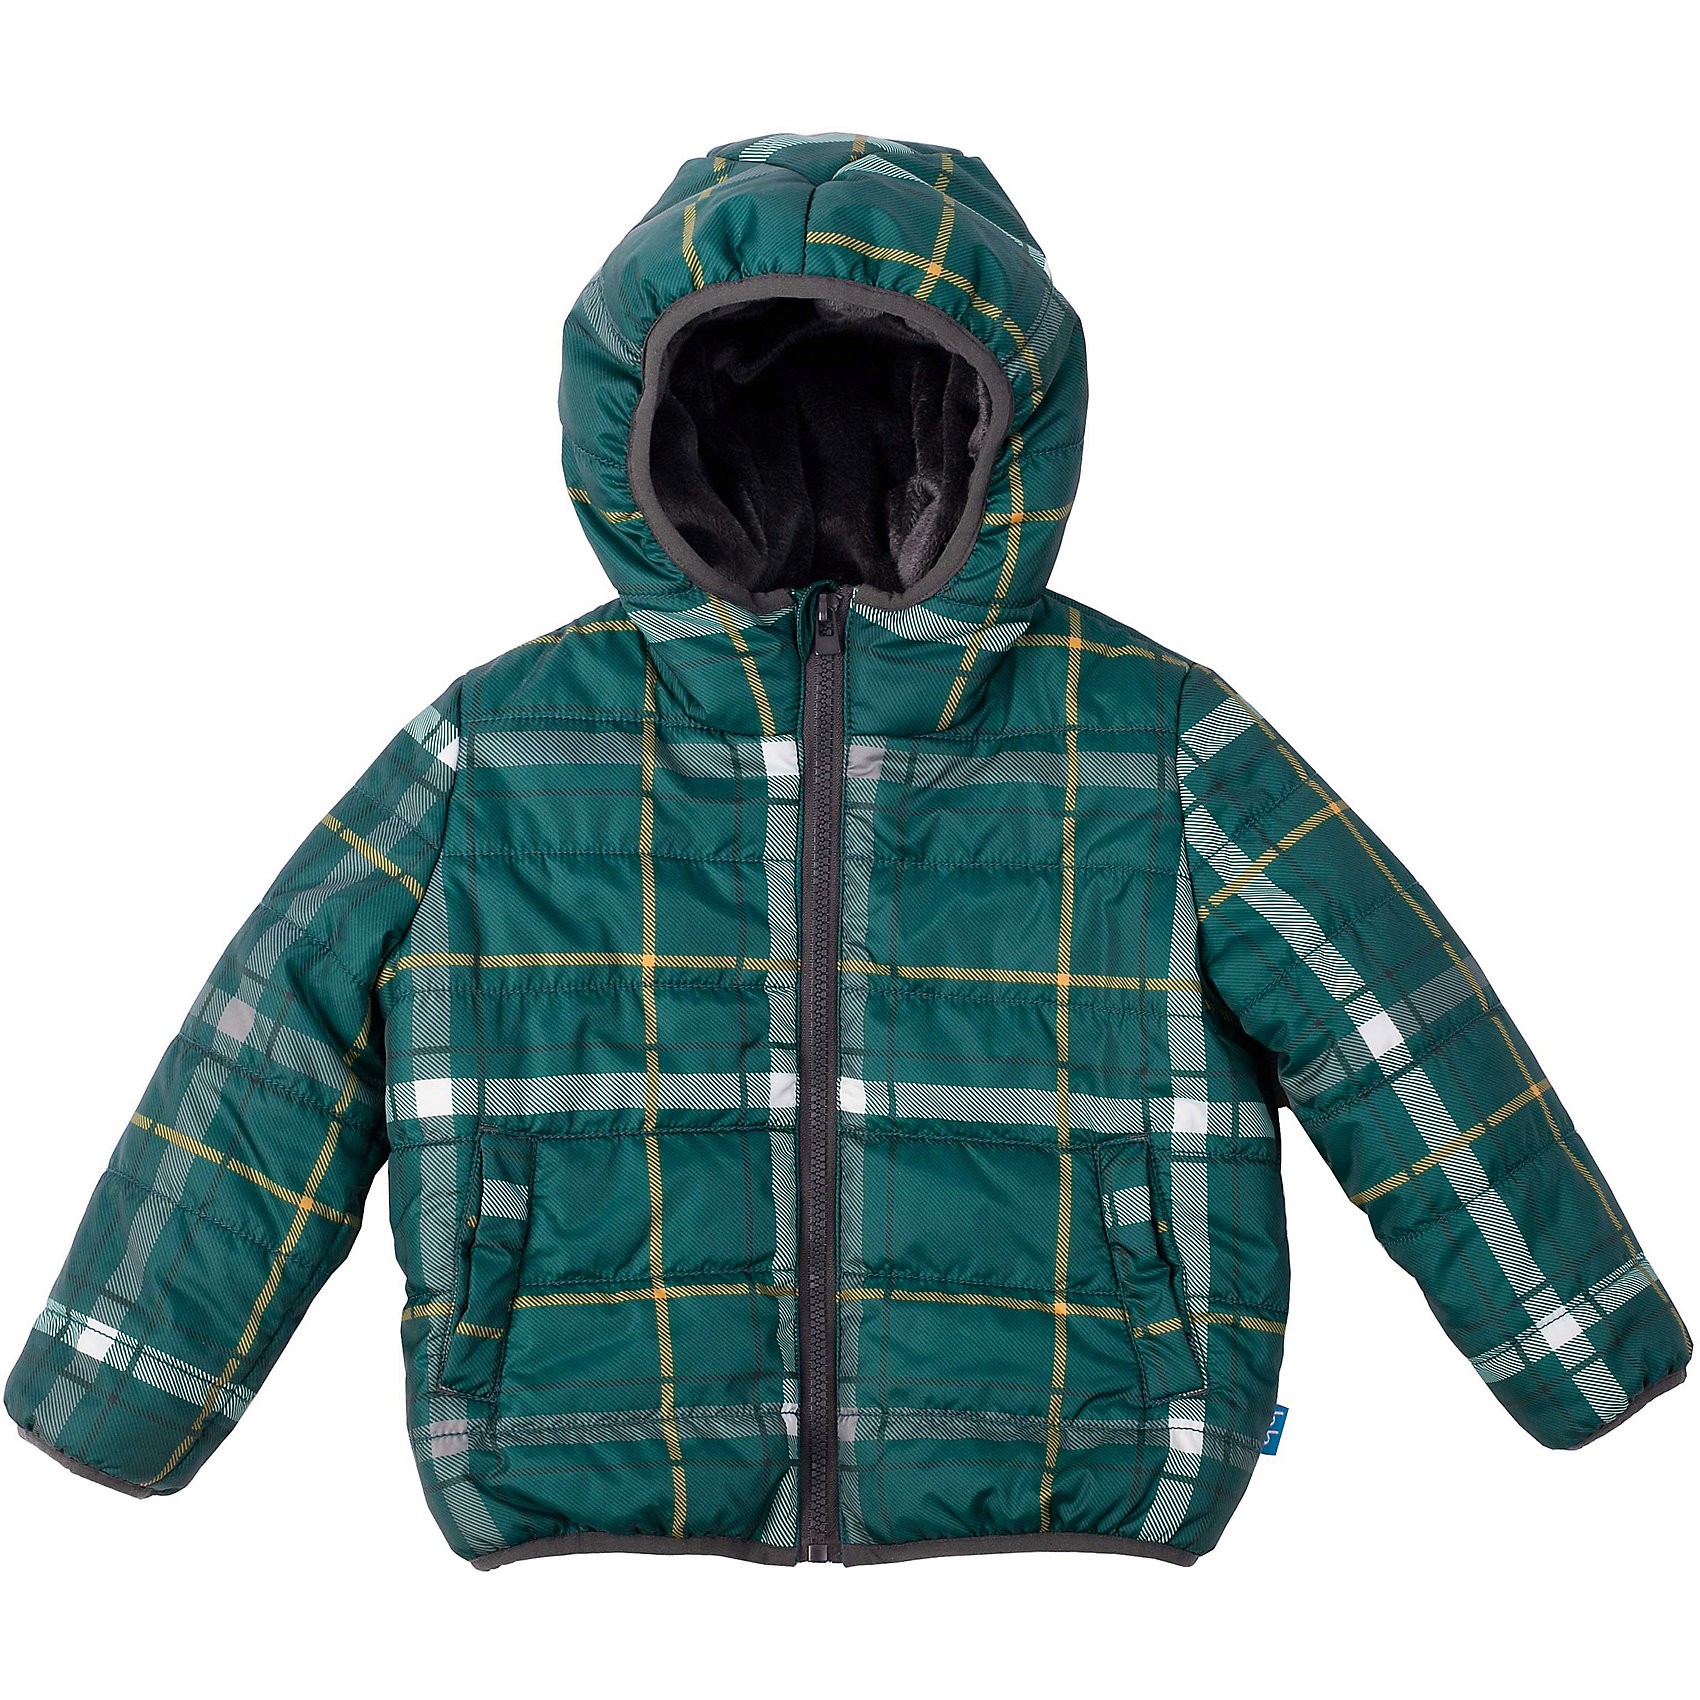 Куртка для мальчика Button BlueЯркая  клетчатая куртка на осень - ваш ответ  унылым дождливым будням! Удобный крой, функциональная карманы, контрастная подкладка обеспечат комфорт и хорошее настроение каждый день. Край куртки обработан черной эластичной тесьмой.<br>Состав:<br>тк. верха:    100%полиэстер,                           подкл.:  80%хлопок, 20%полиэстер/               утепл.:  100%полиэстер<br><br>Ширина мм: 356<br>Глубина мм: 10<br>Высота мм: 245<br>Вес г: 519<br>Цвет: разноцветный<br>Возраст от месяцев: 48<br>Возраст до месяцев: 60<br>Пол: Мужской<br>Возраст: Детский<br>Размер: 110,122,104,98,116<br>SKU: 4226979